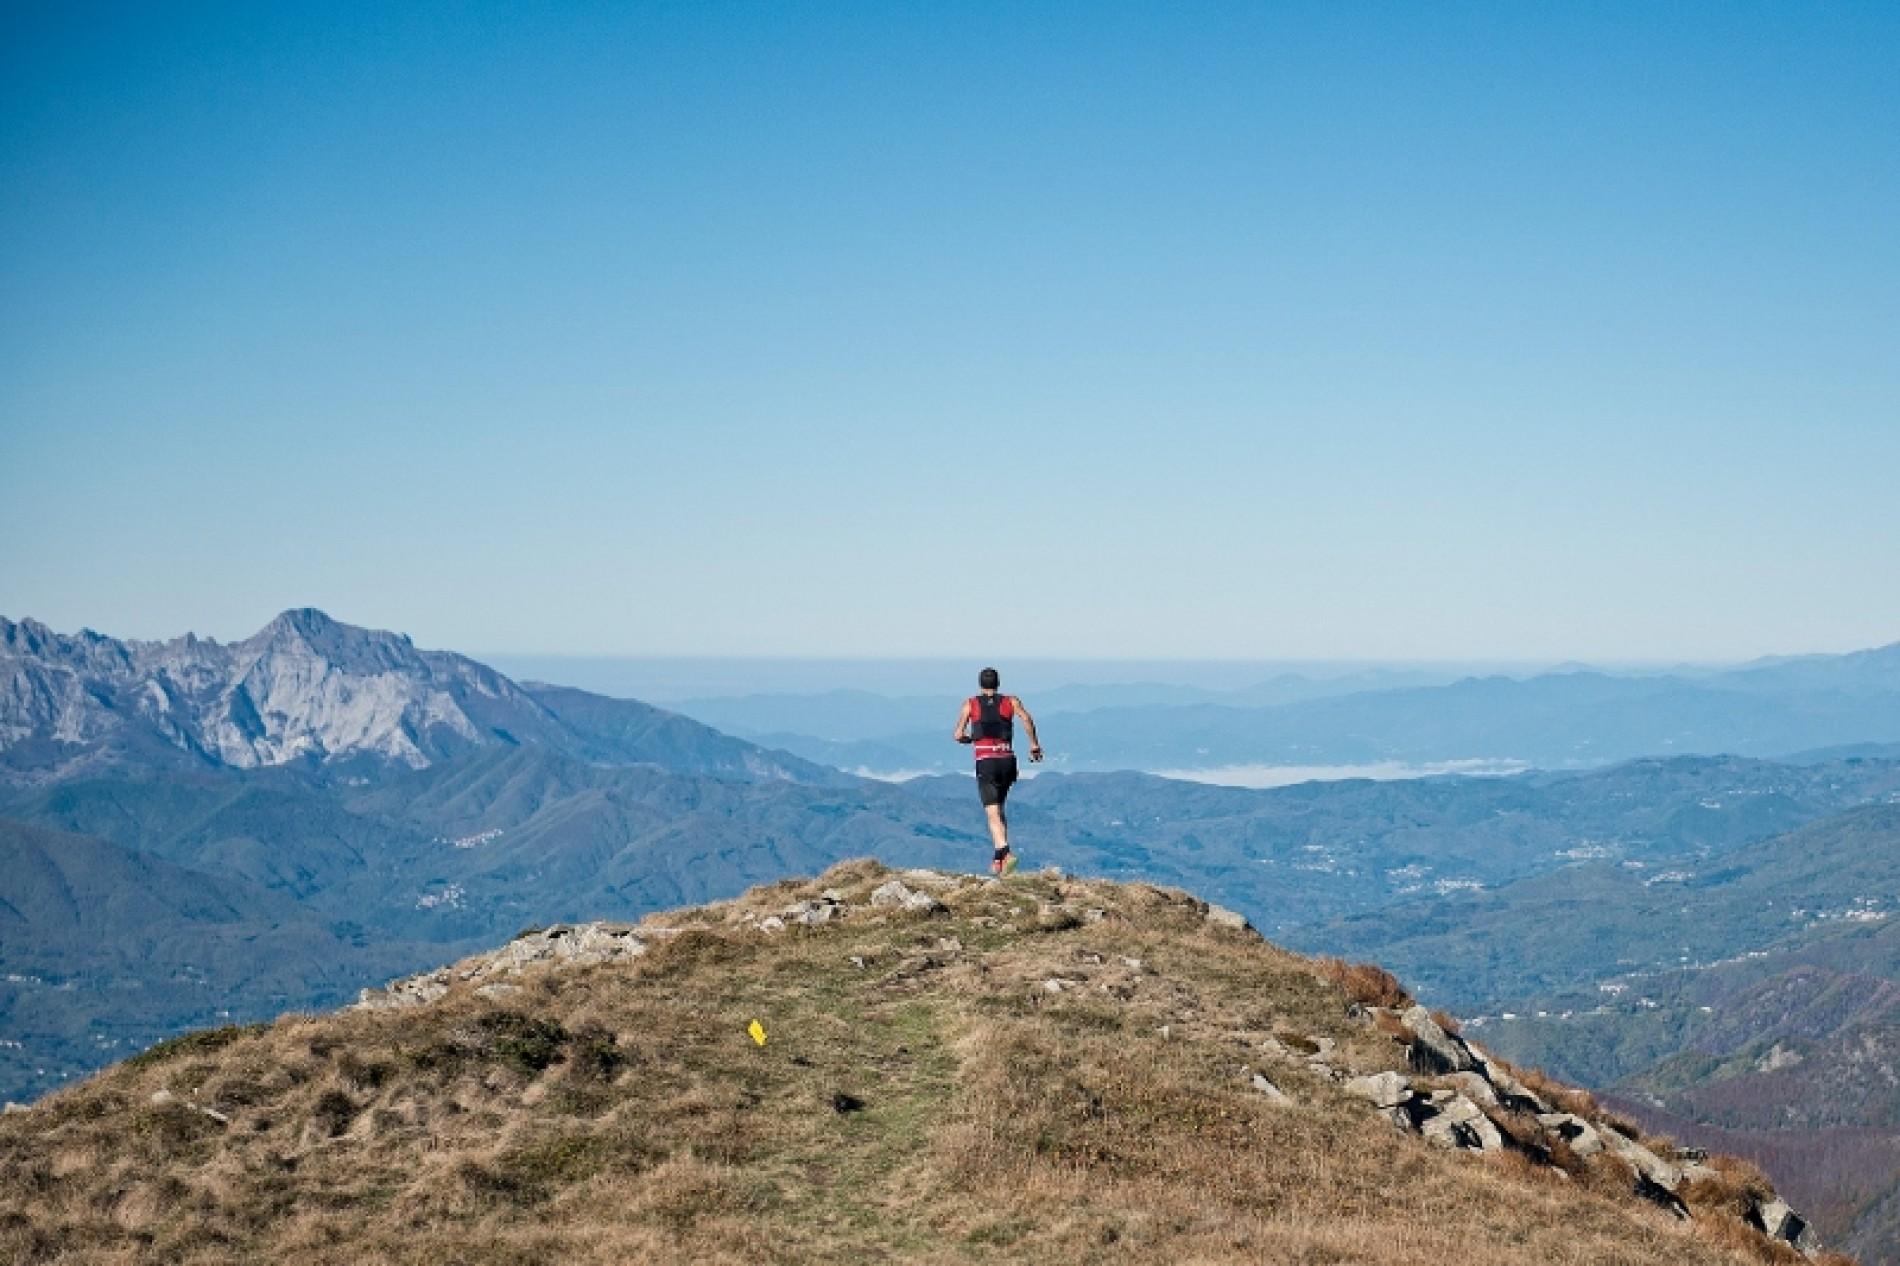 TRAIL RUNNING: UN CIRCUITO NEI PARCHI DELL'EMILIA